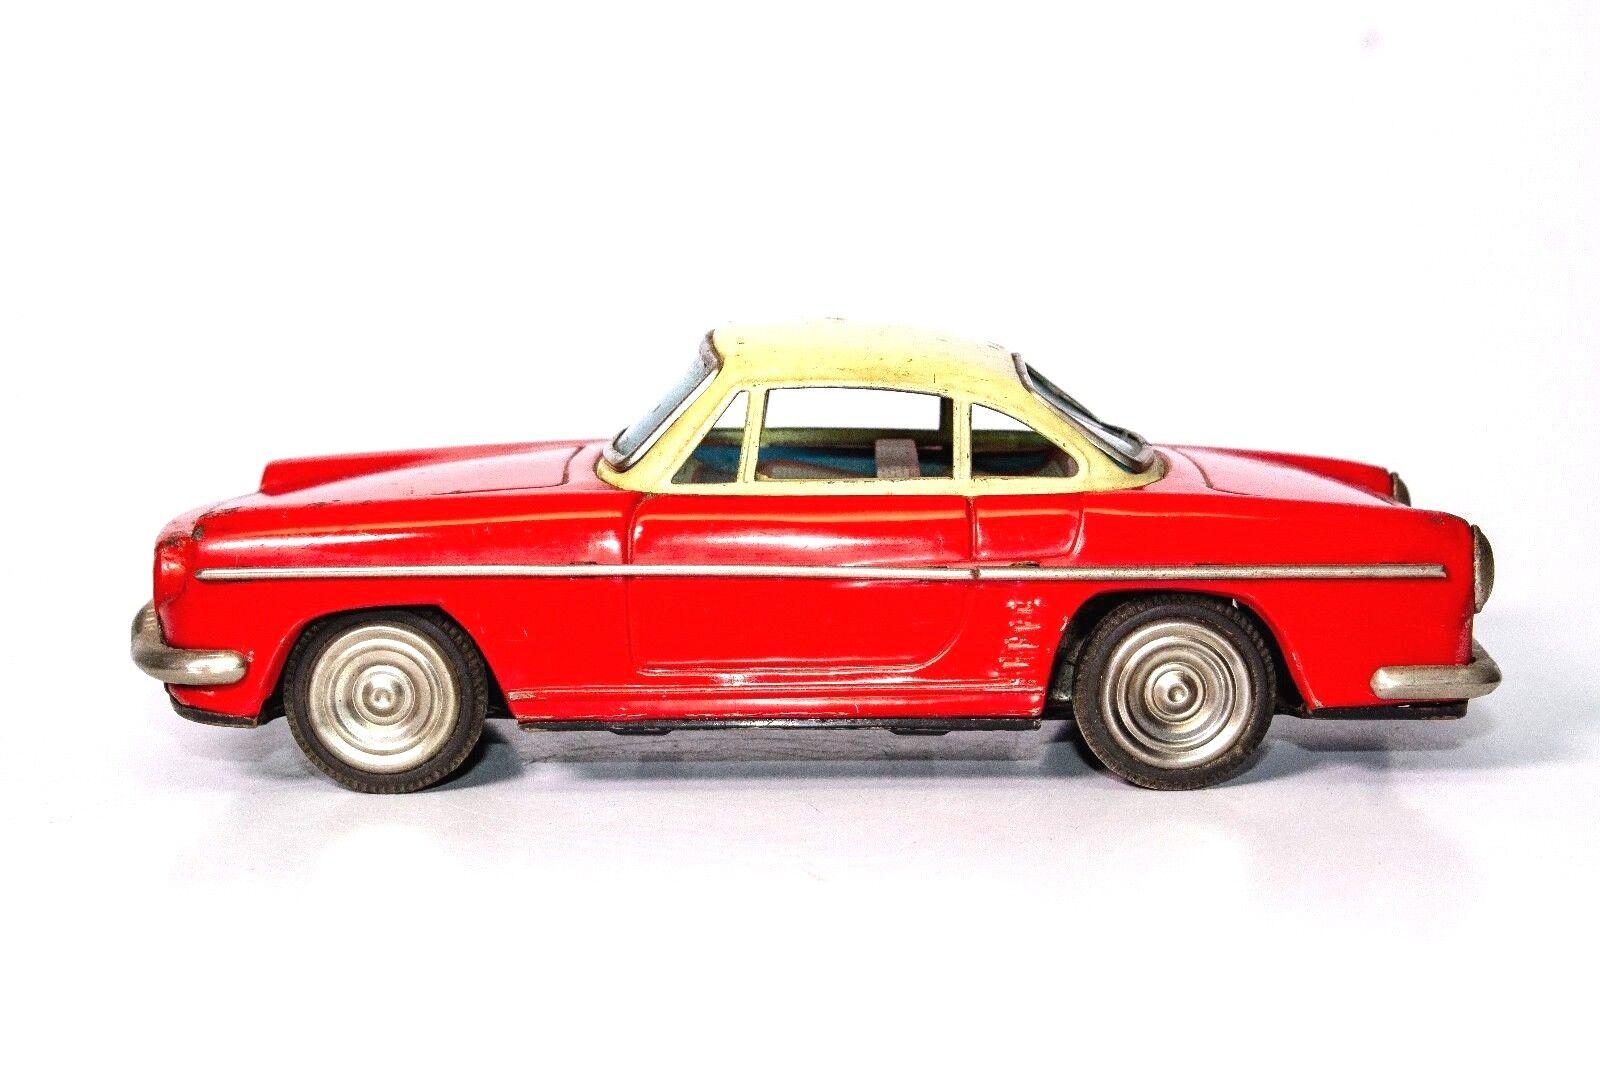 Vintage Super Selten Blech Reibung 597mS Renault Floride 2-door Coupe